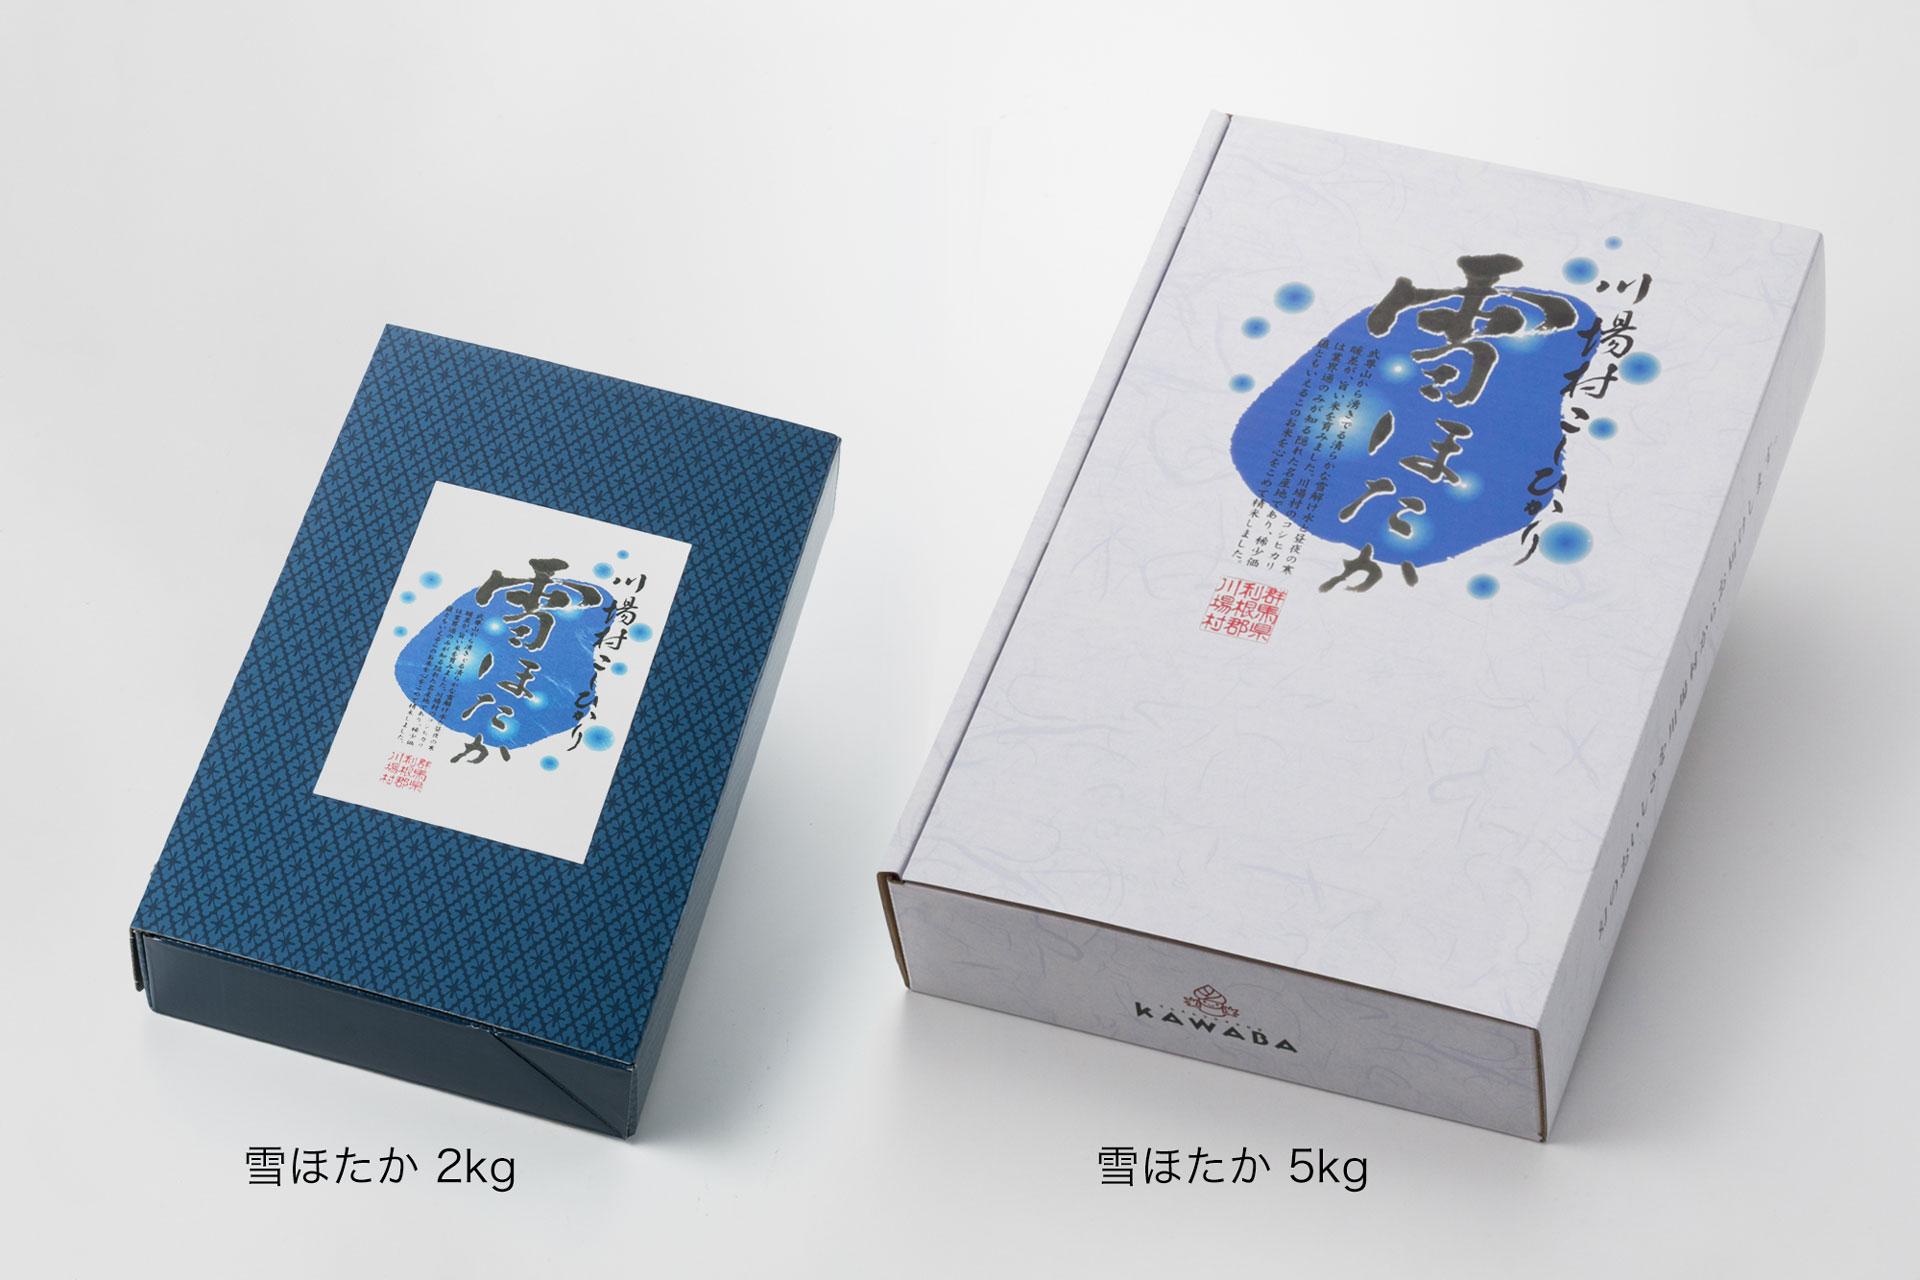 雪ほたかの商品詳細イメージ-180